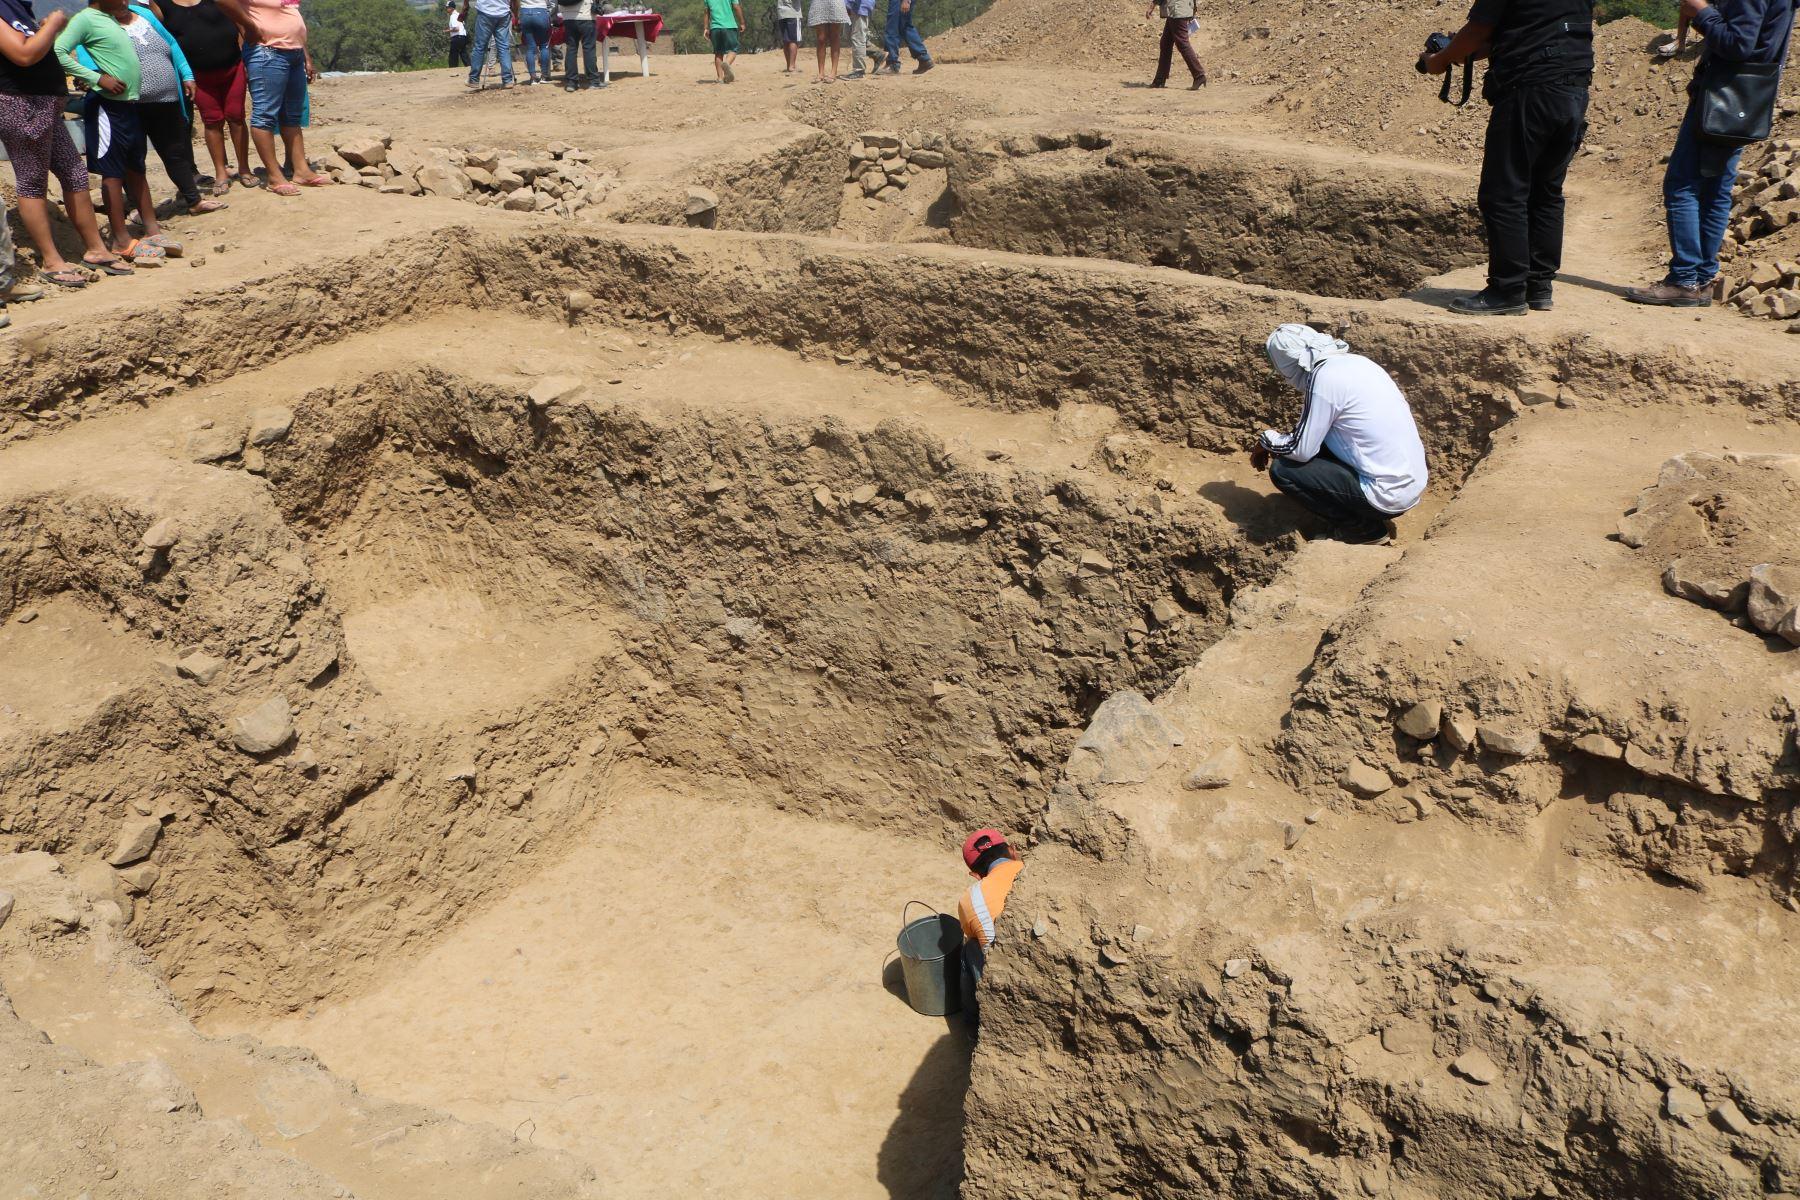 Descubren templo megalítico de culto al agua en Lambayeque - Agencia Andina